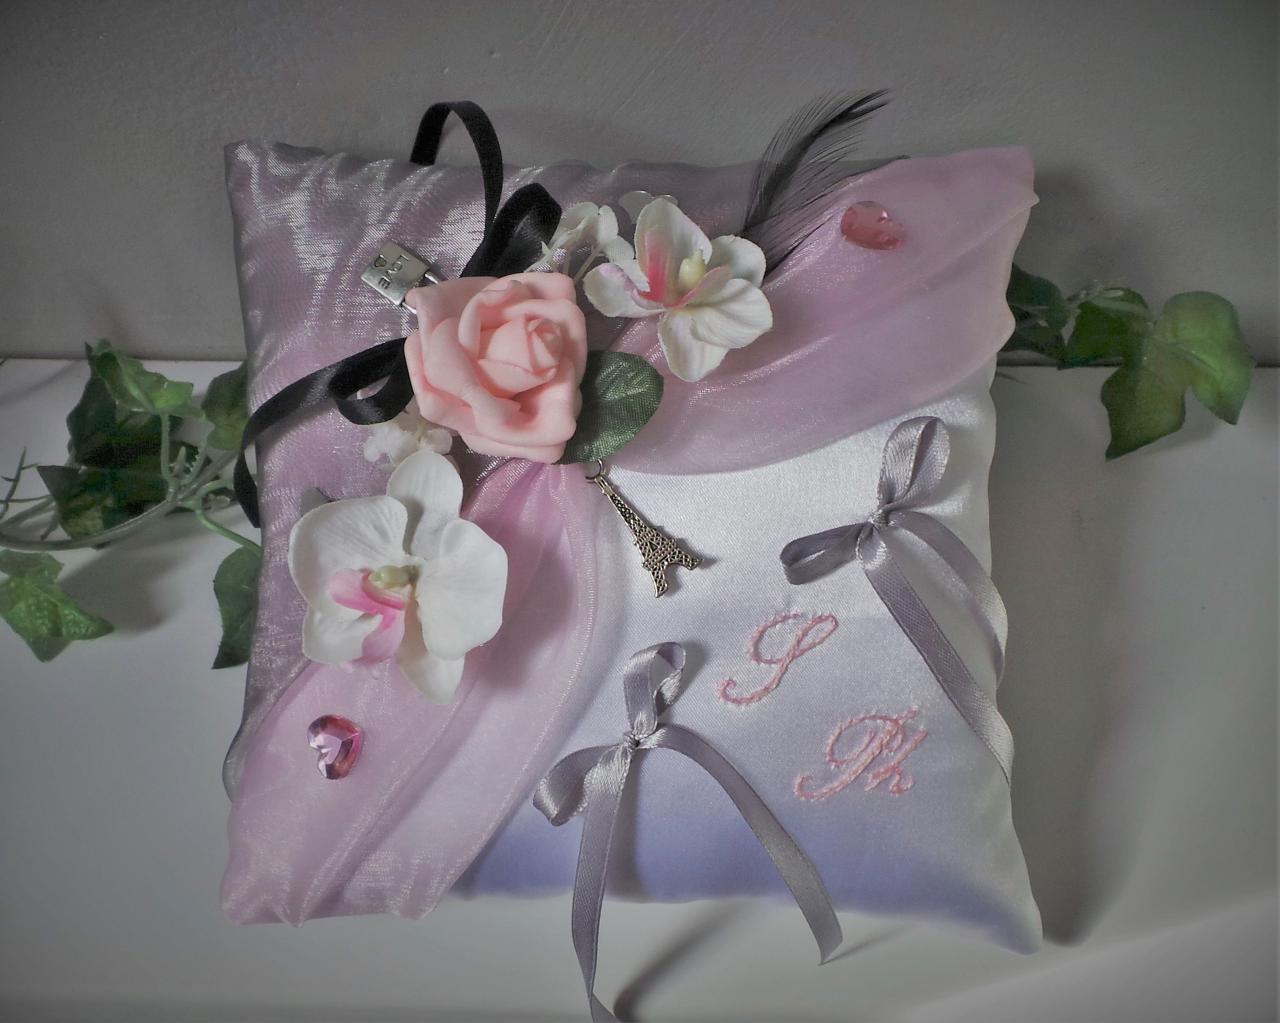 Coussin de mariage porte alliance rose et gris thème Paris